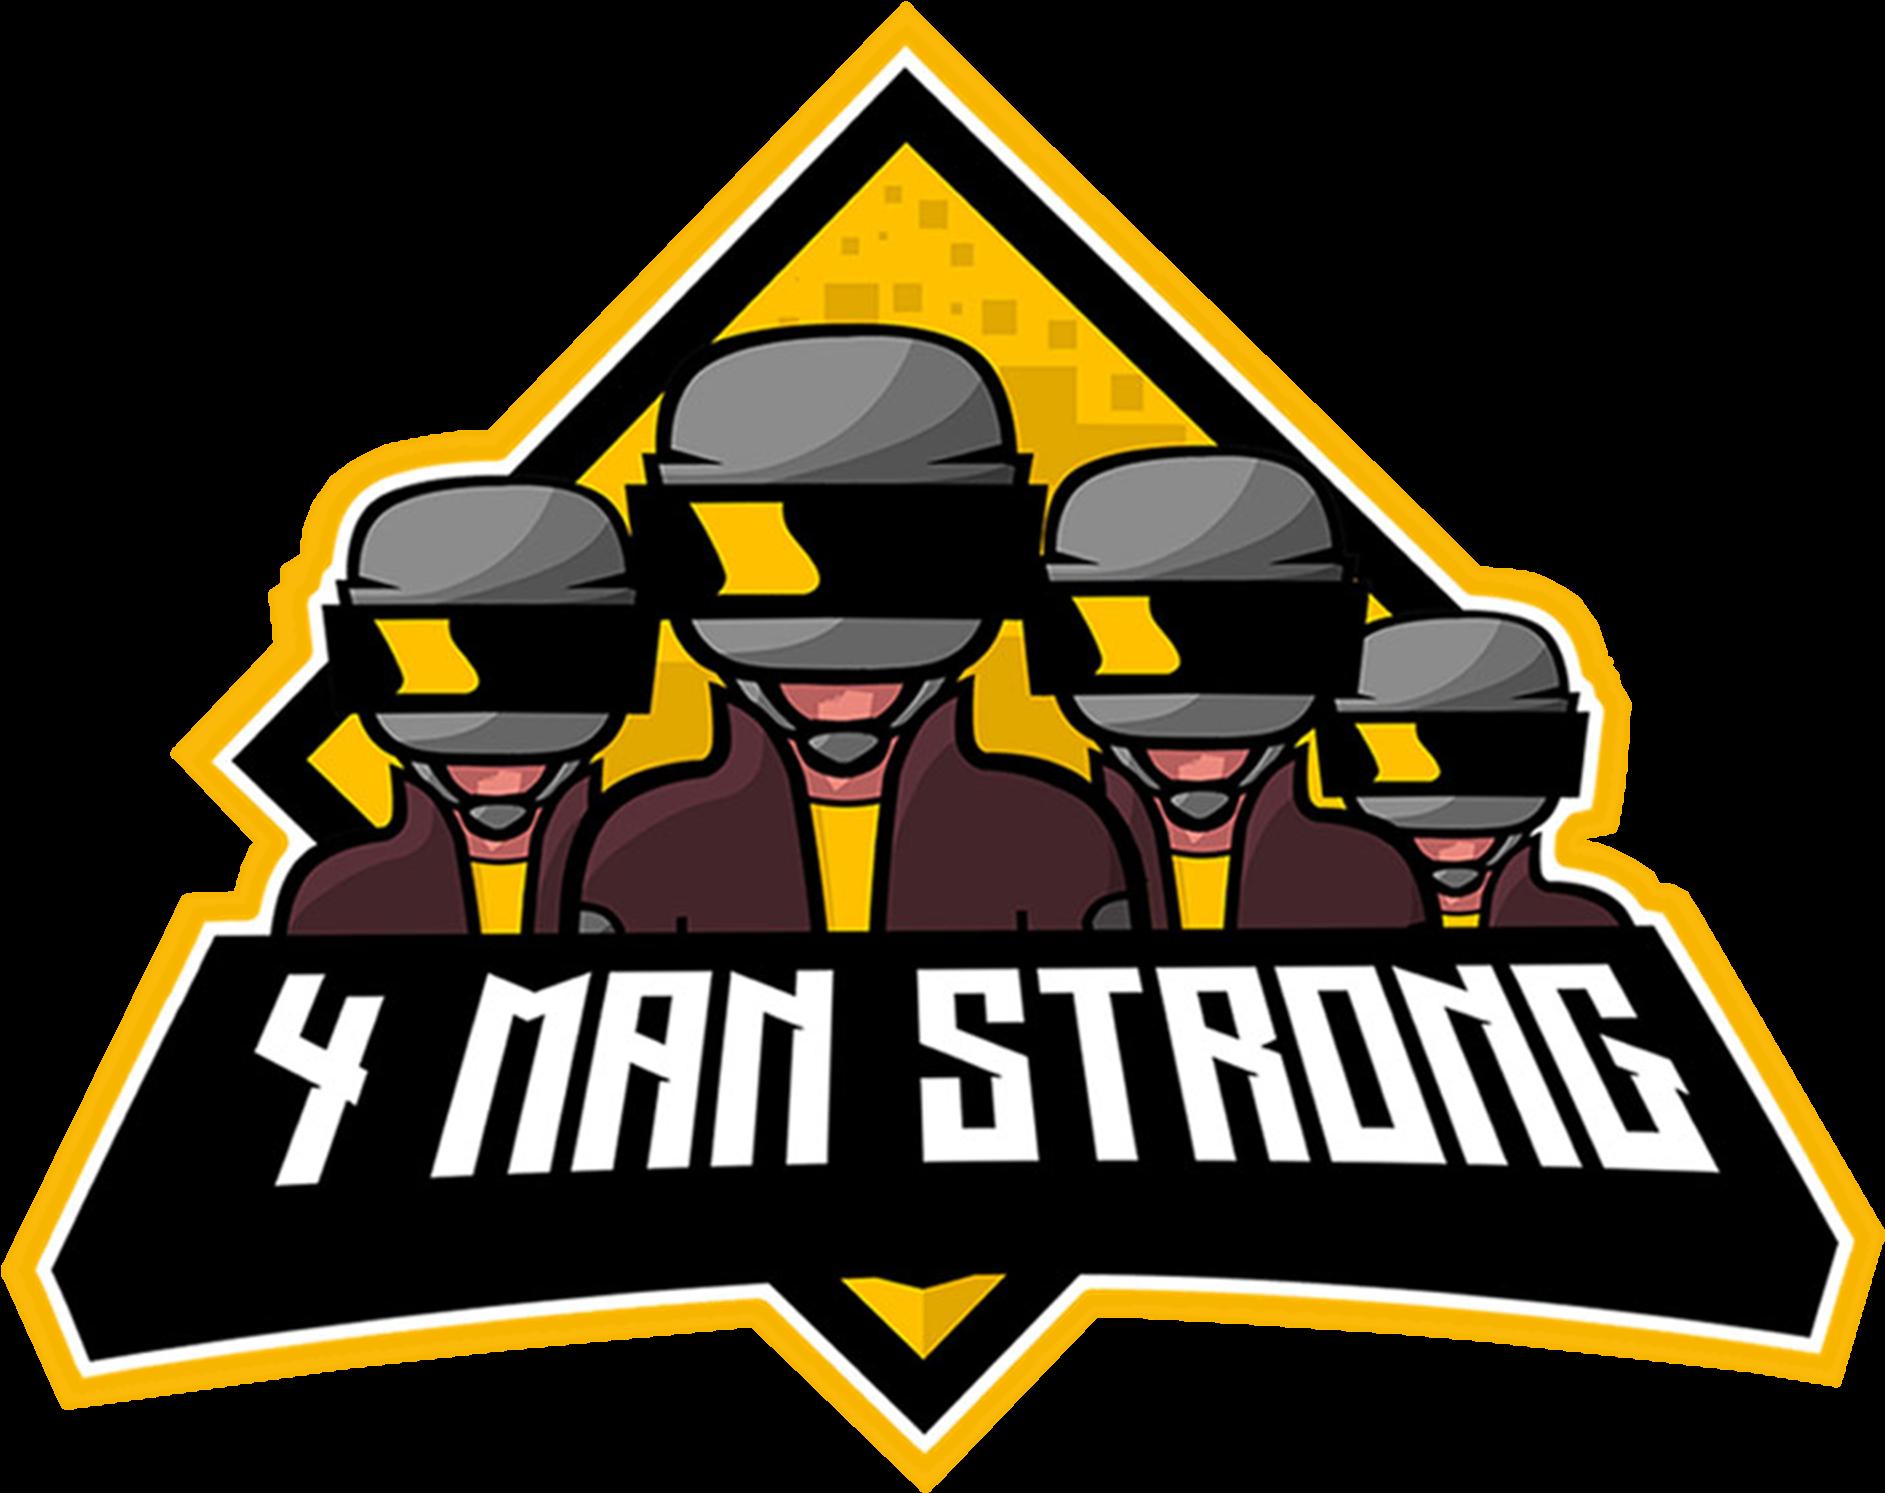 Transparent strong man clip art - Strong Man Clip Art